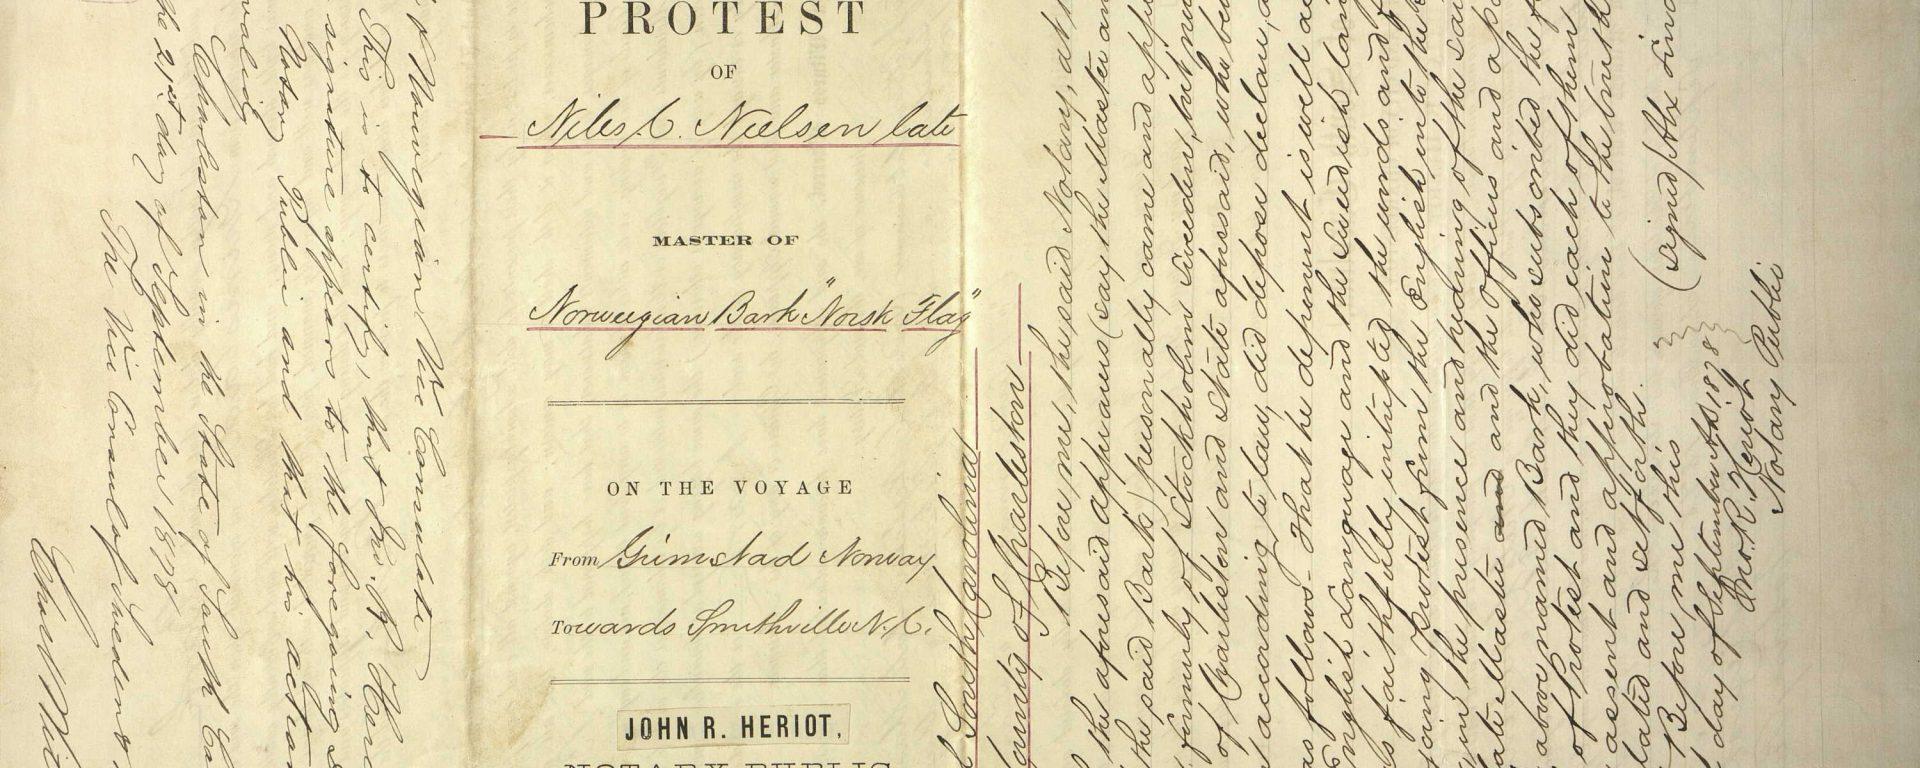 Protest of Niels C. Nielsen Norsk Flag 1878 s. 4